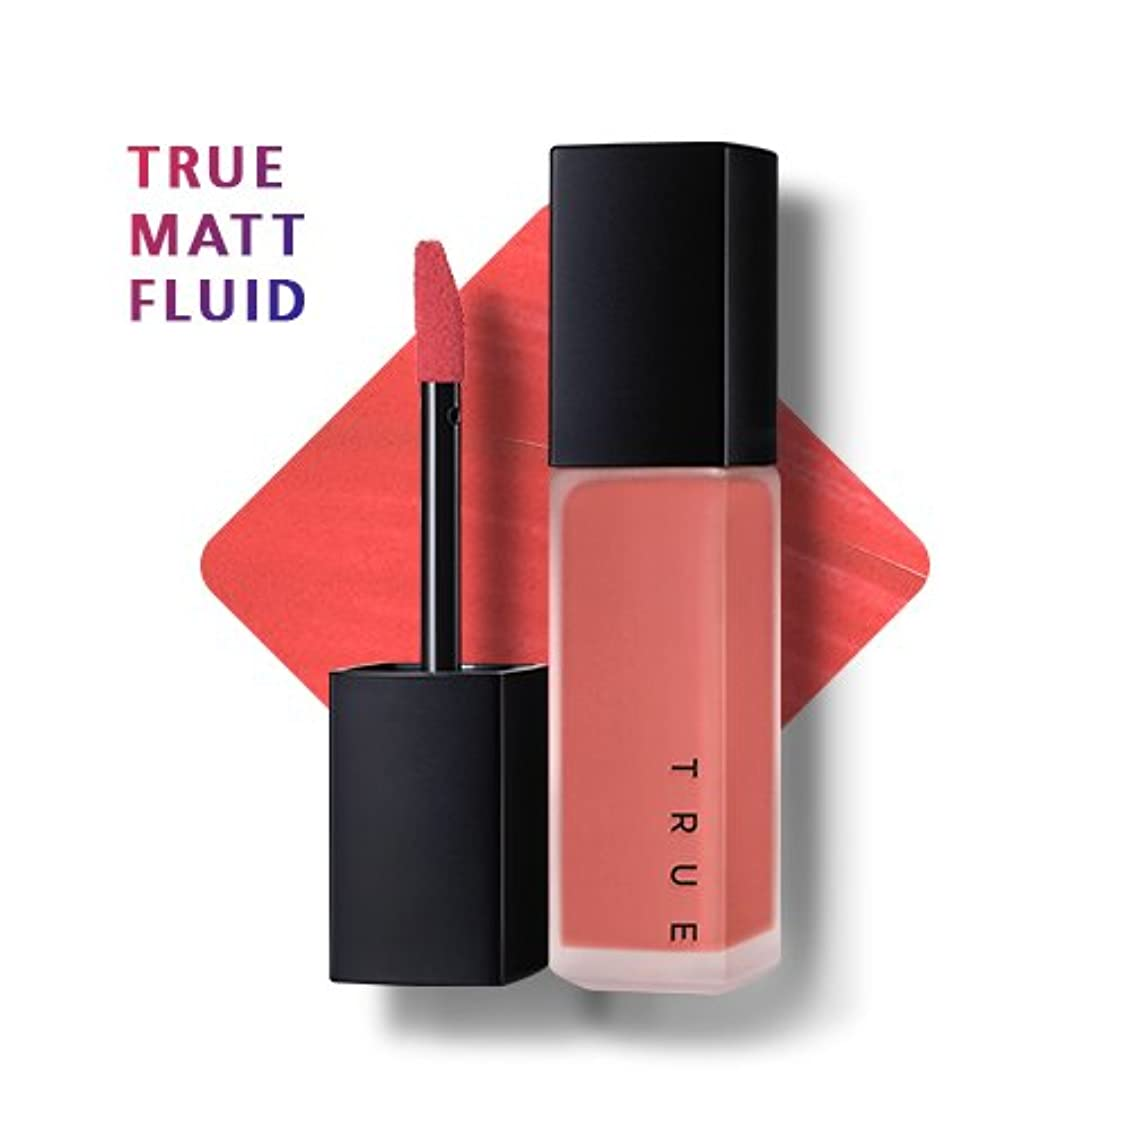 APIEU True Matt Fluid アピュ ツルーマットフルイド (BR01) [並行輸入品]